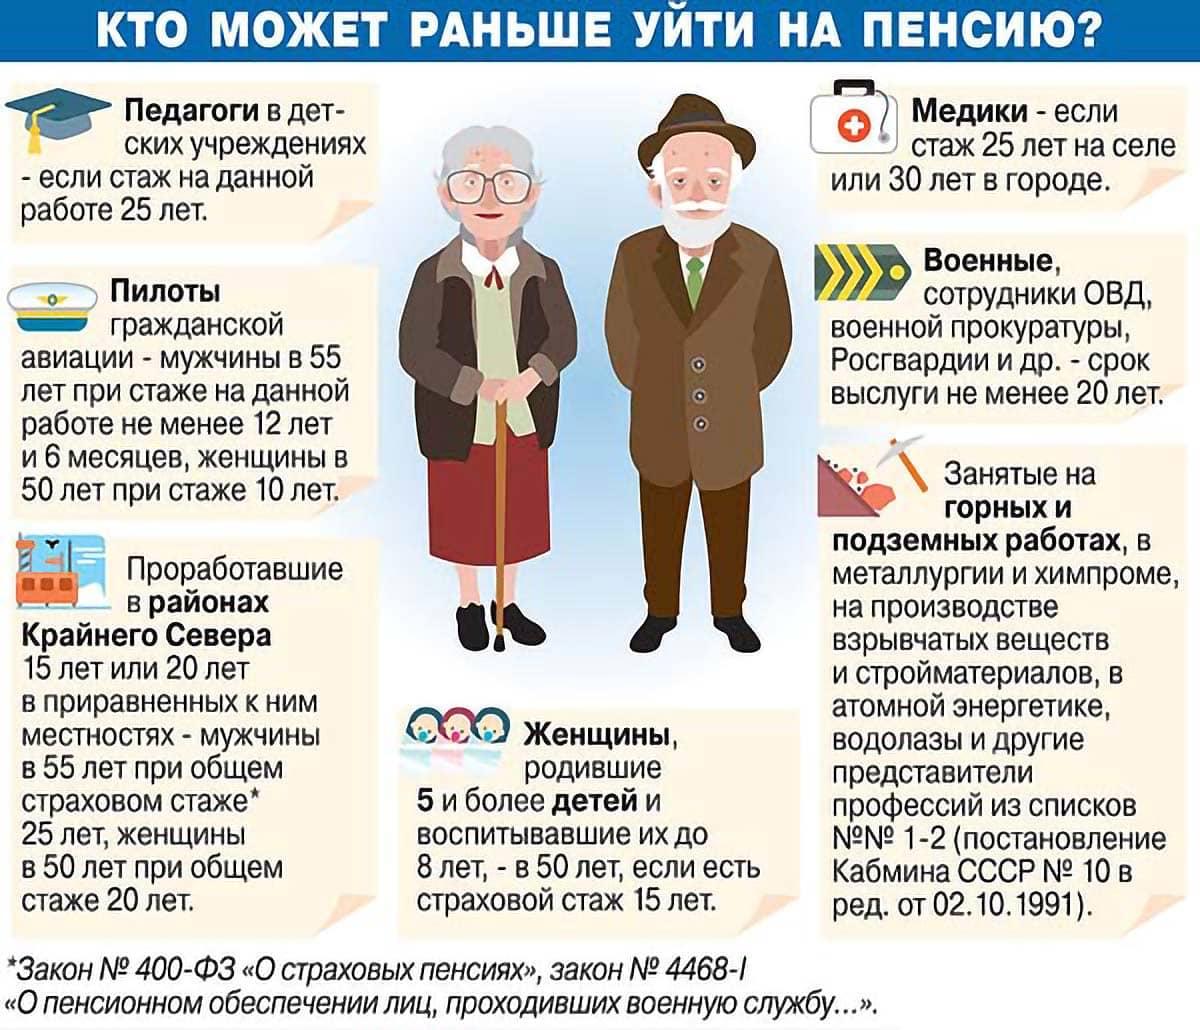 досрочная пенсия другие работники схема